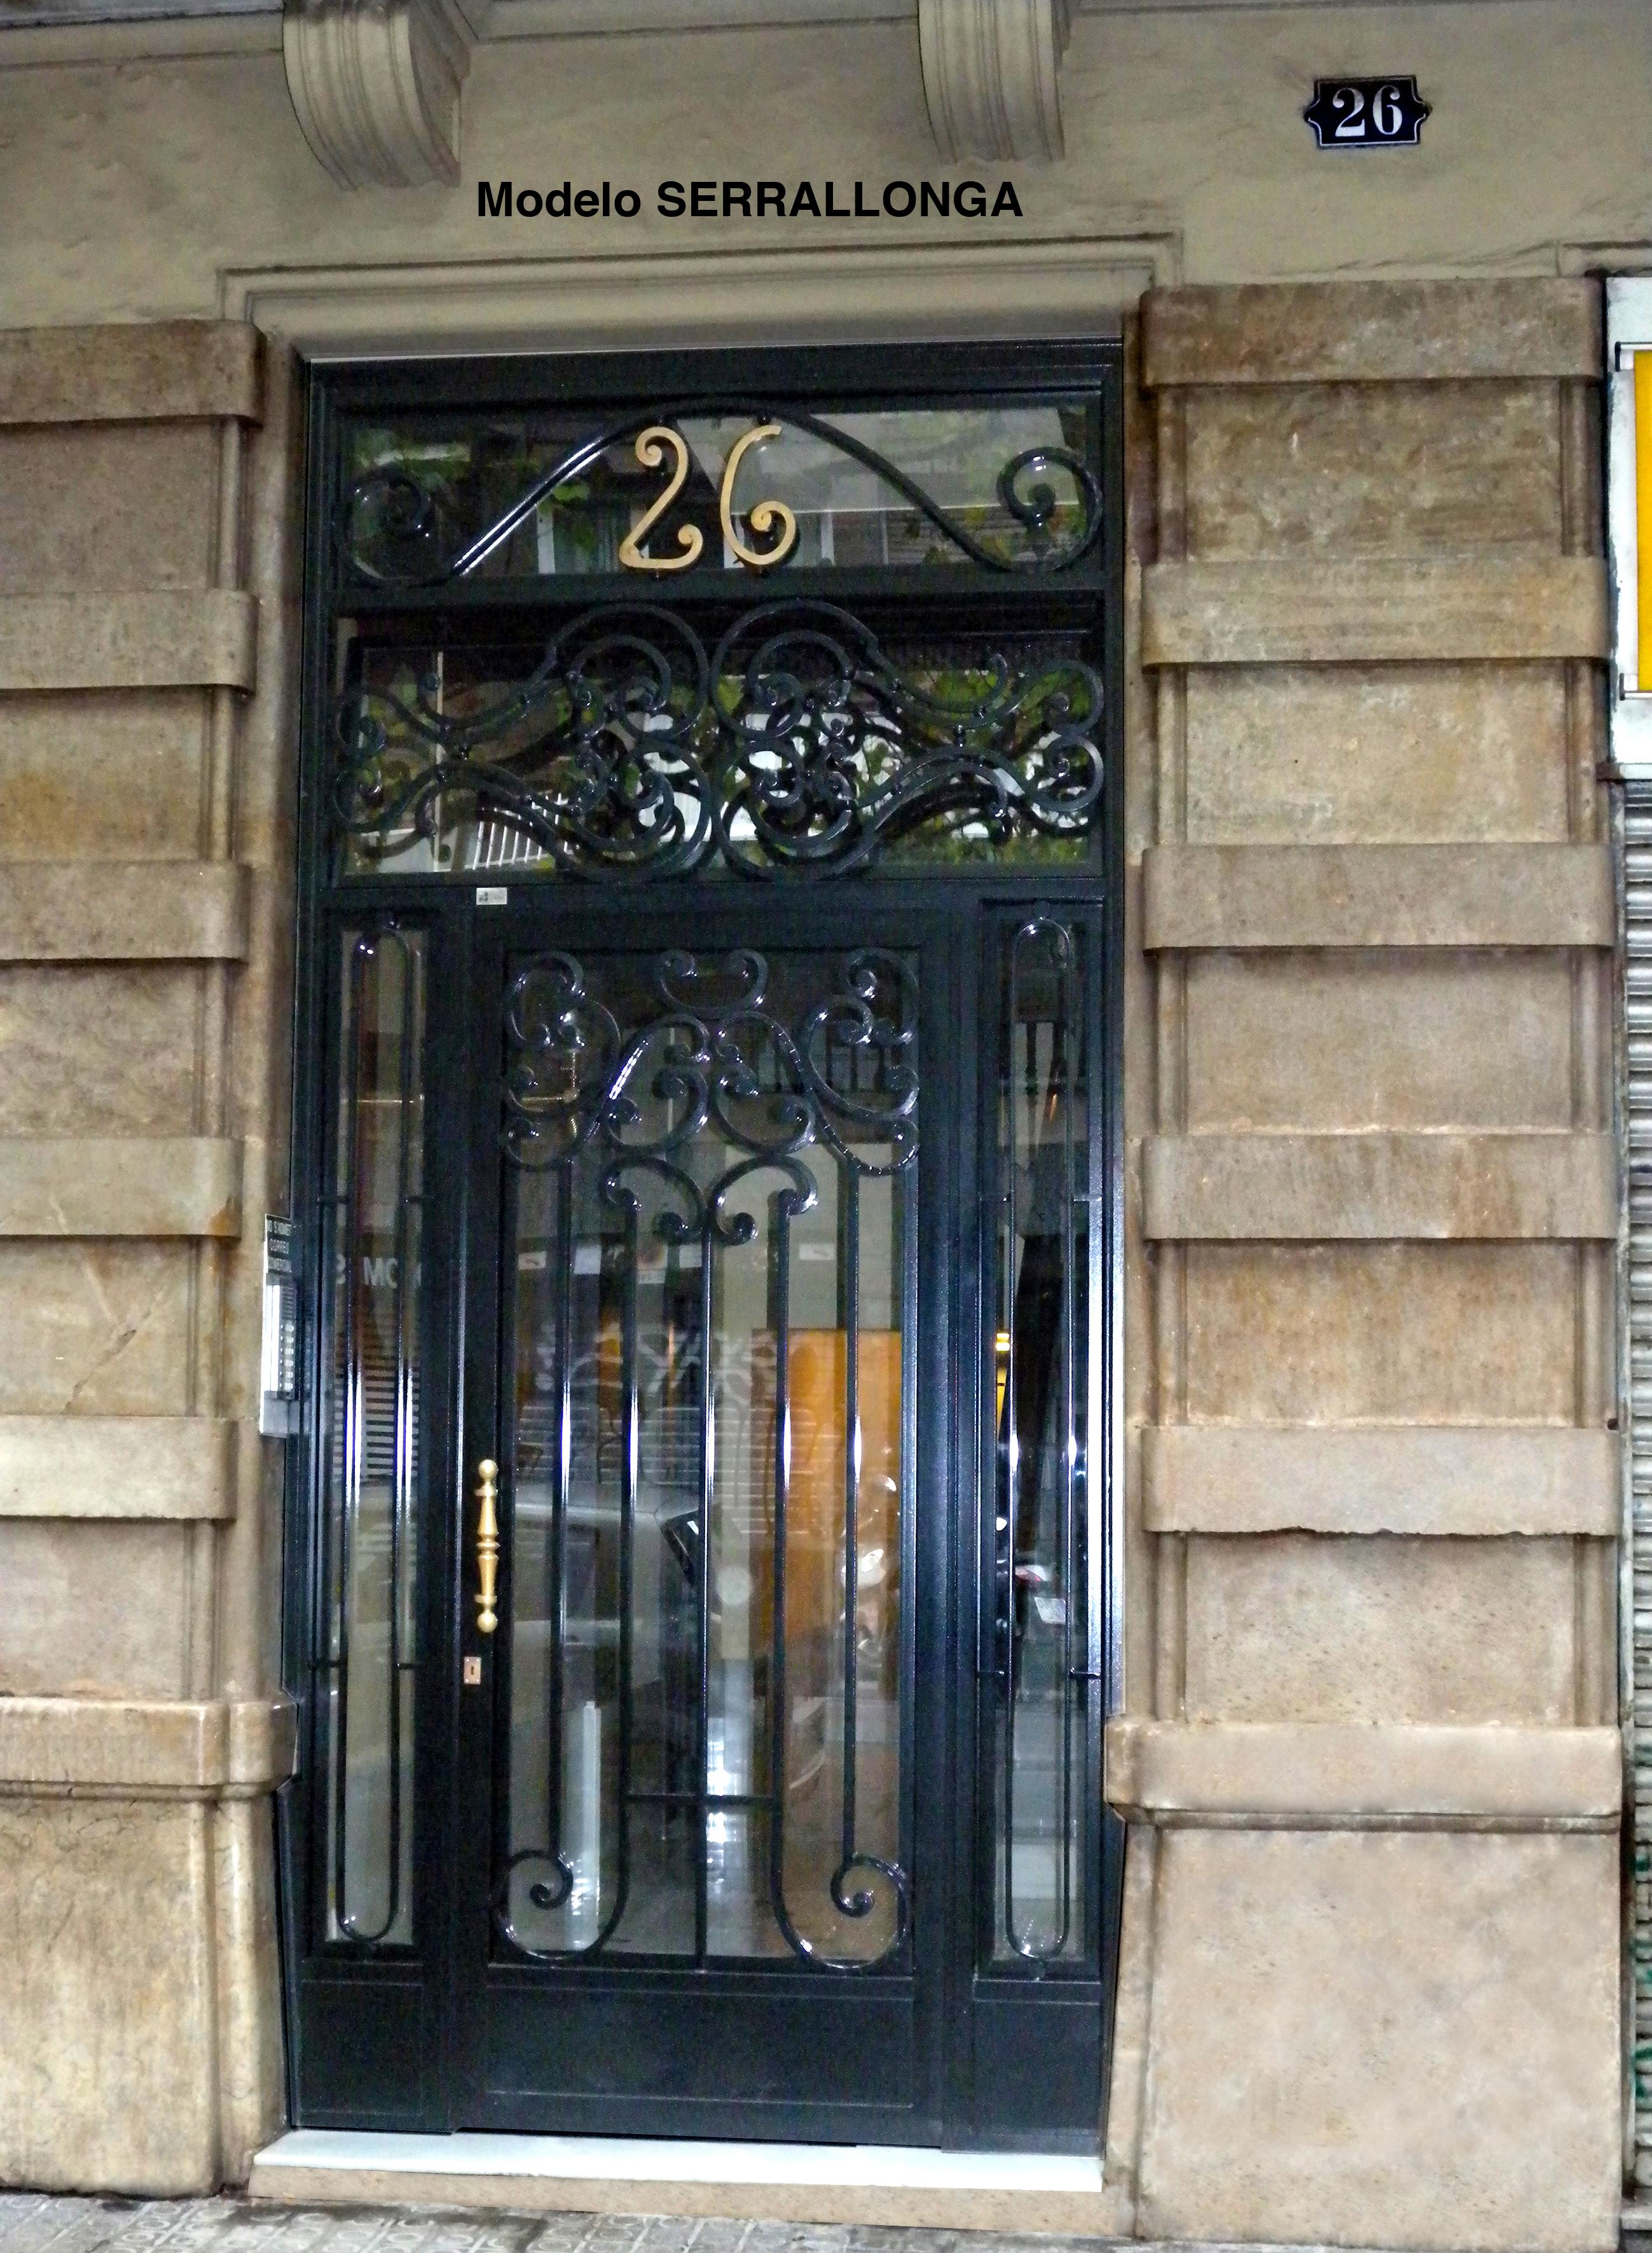 Puertas de forja exterior precios stunning awesome for Precio de puertas de forja